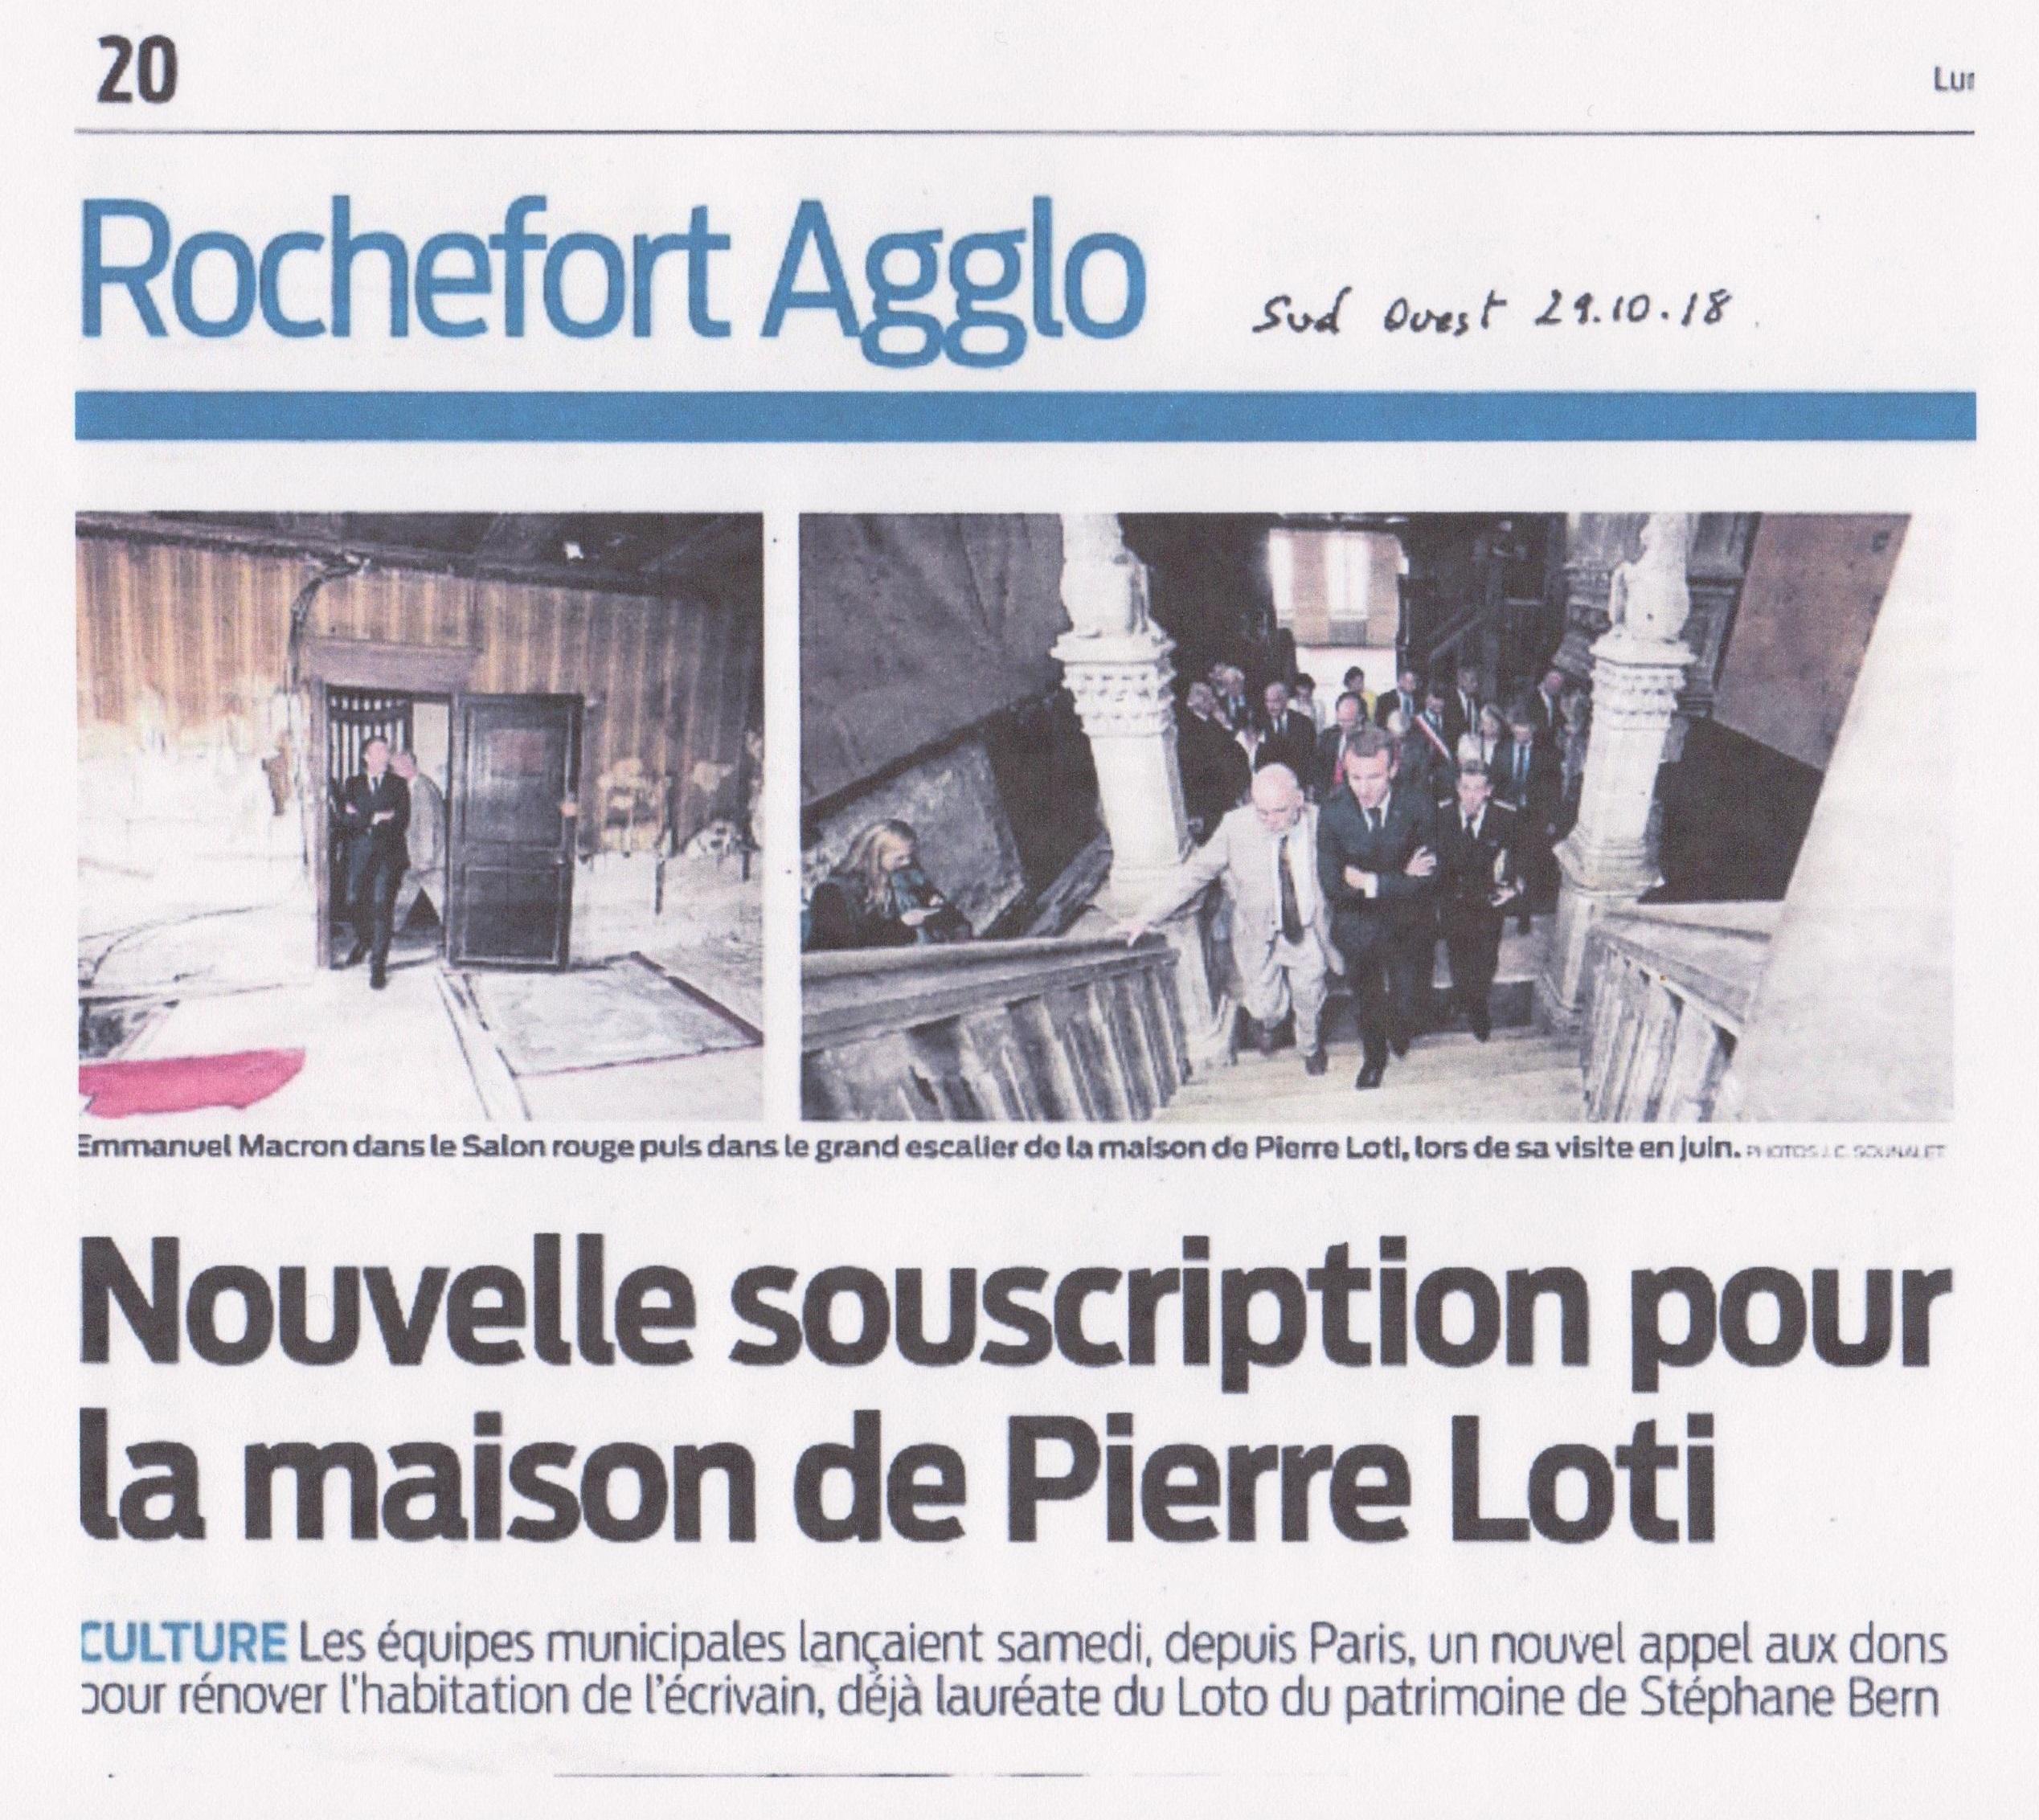 Article Nvlle souscription maison Pierre Loti-1a